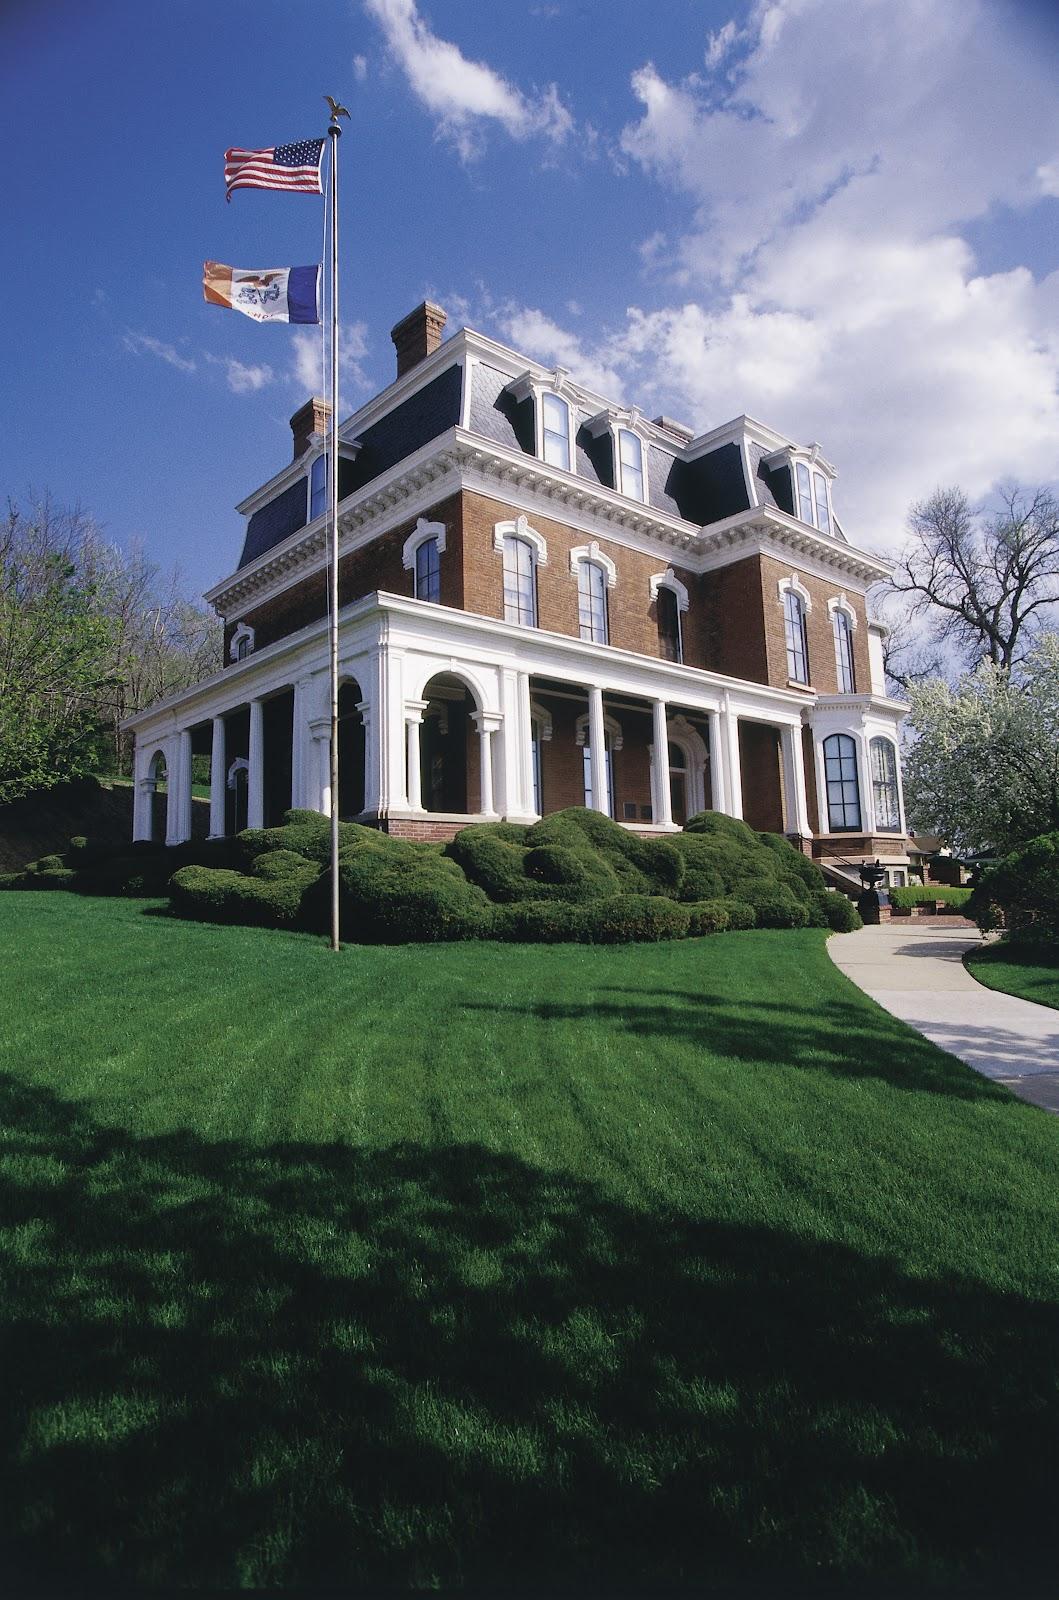 Civil War history unfolds at Iowa sites